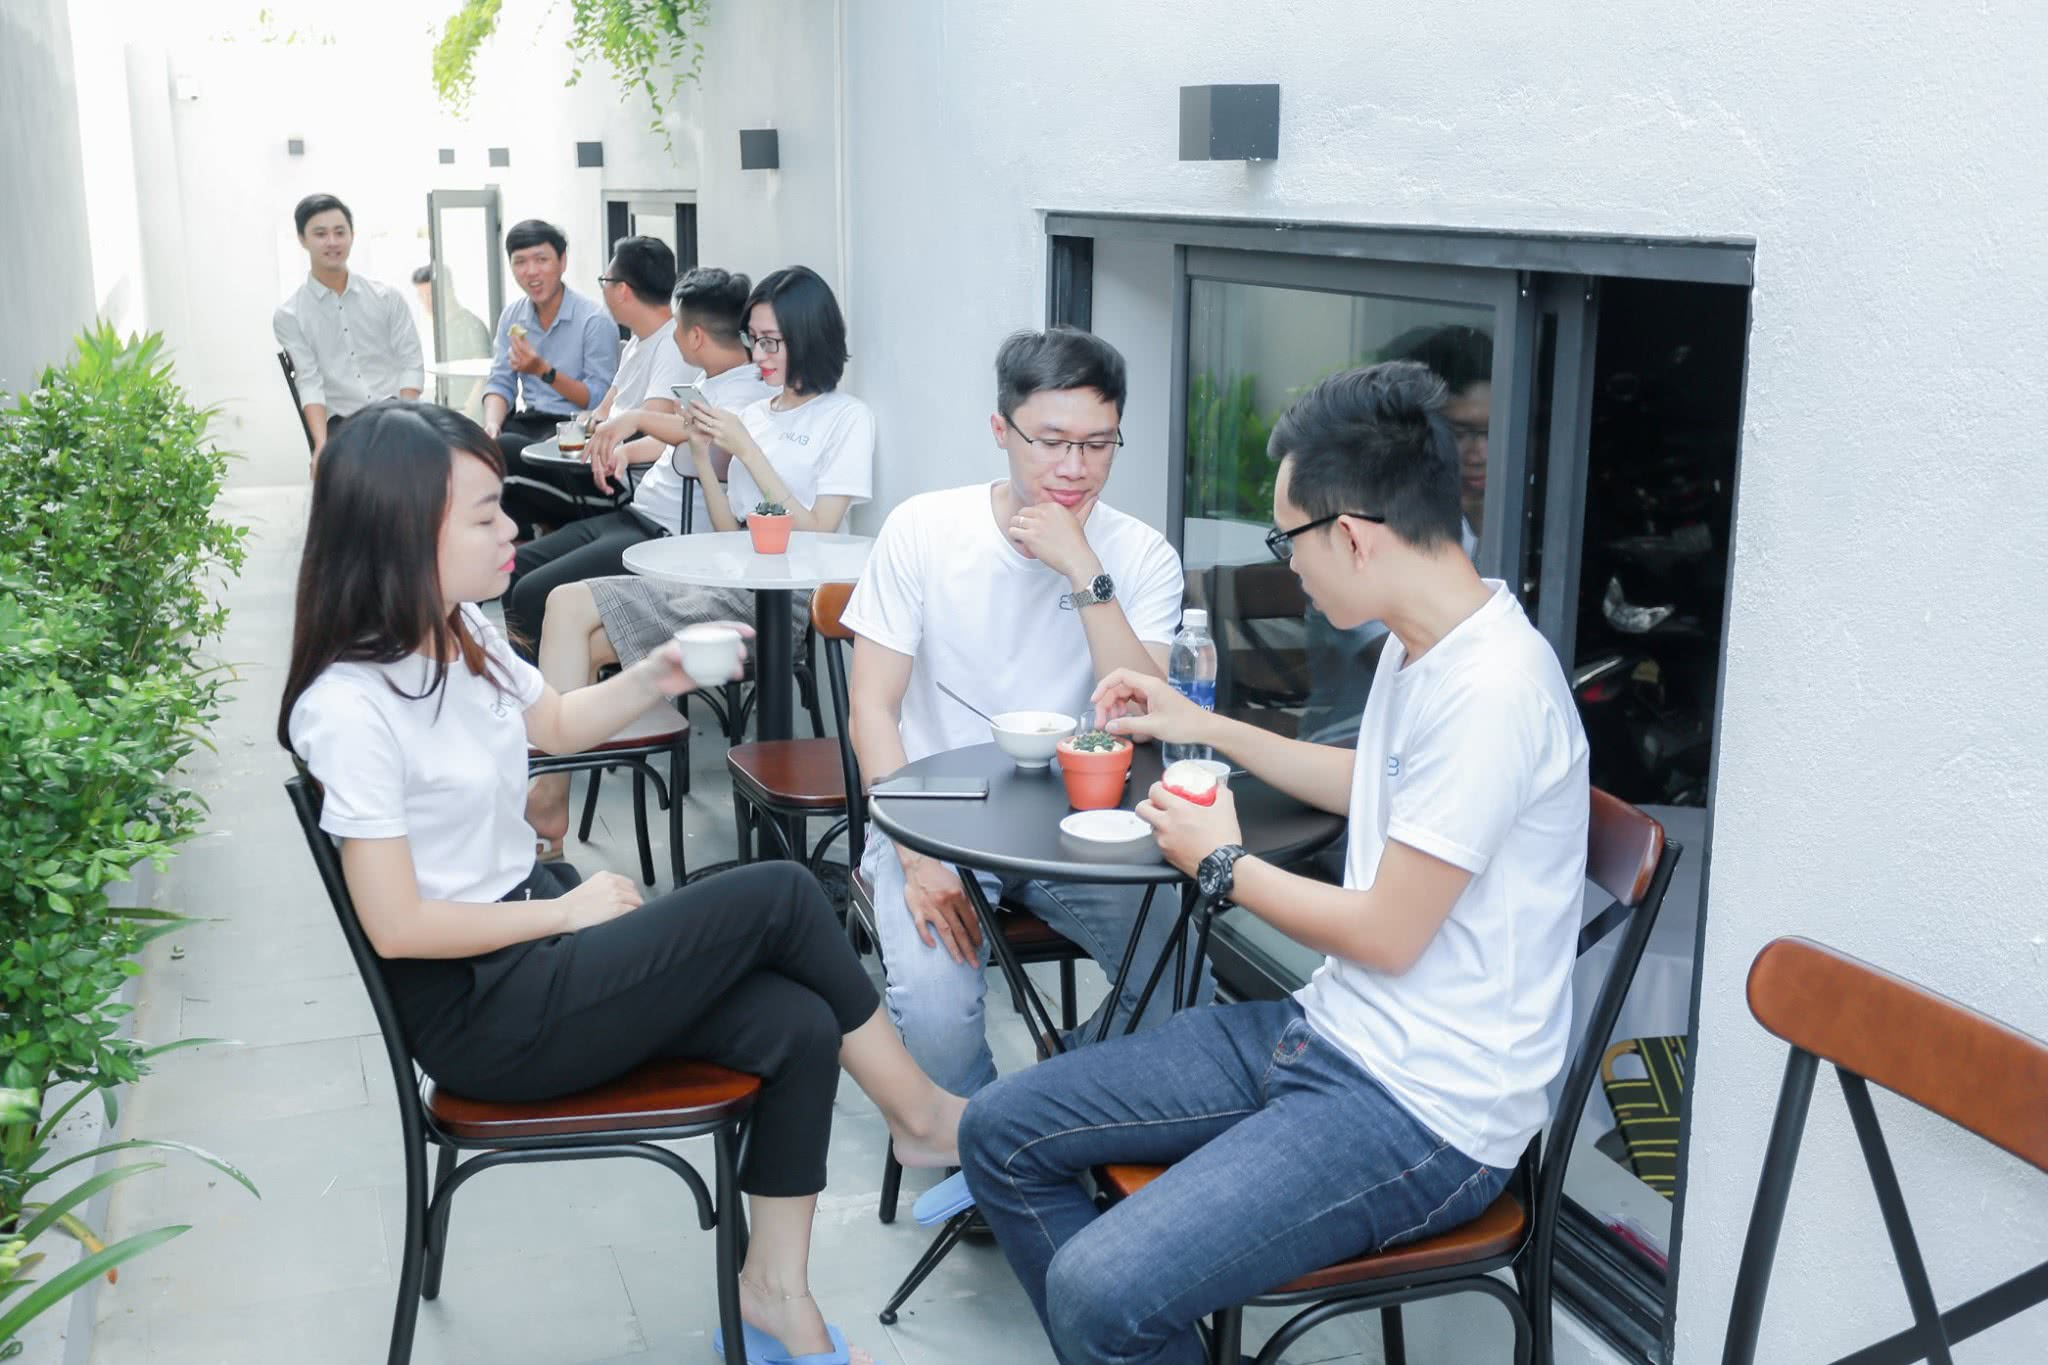 enlab-vietnam-offshore-software-development-careers-benefit-2